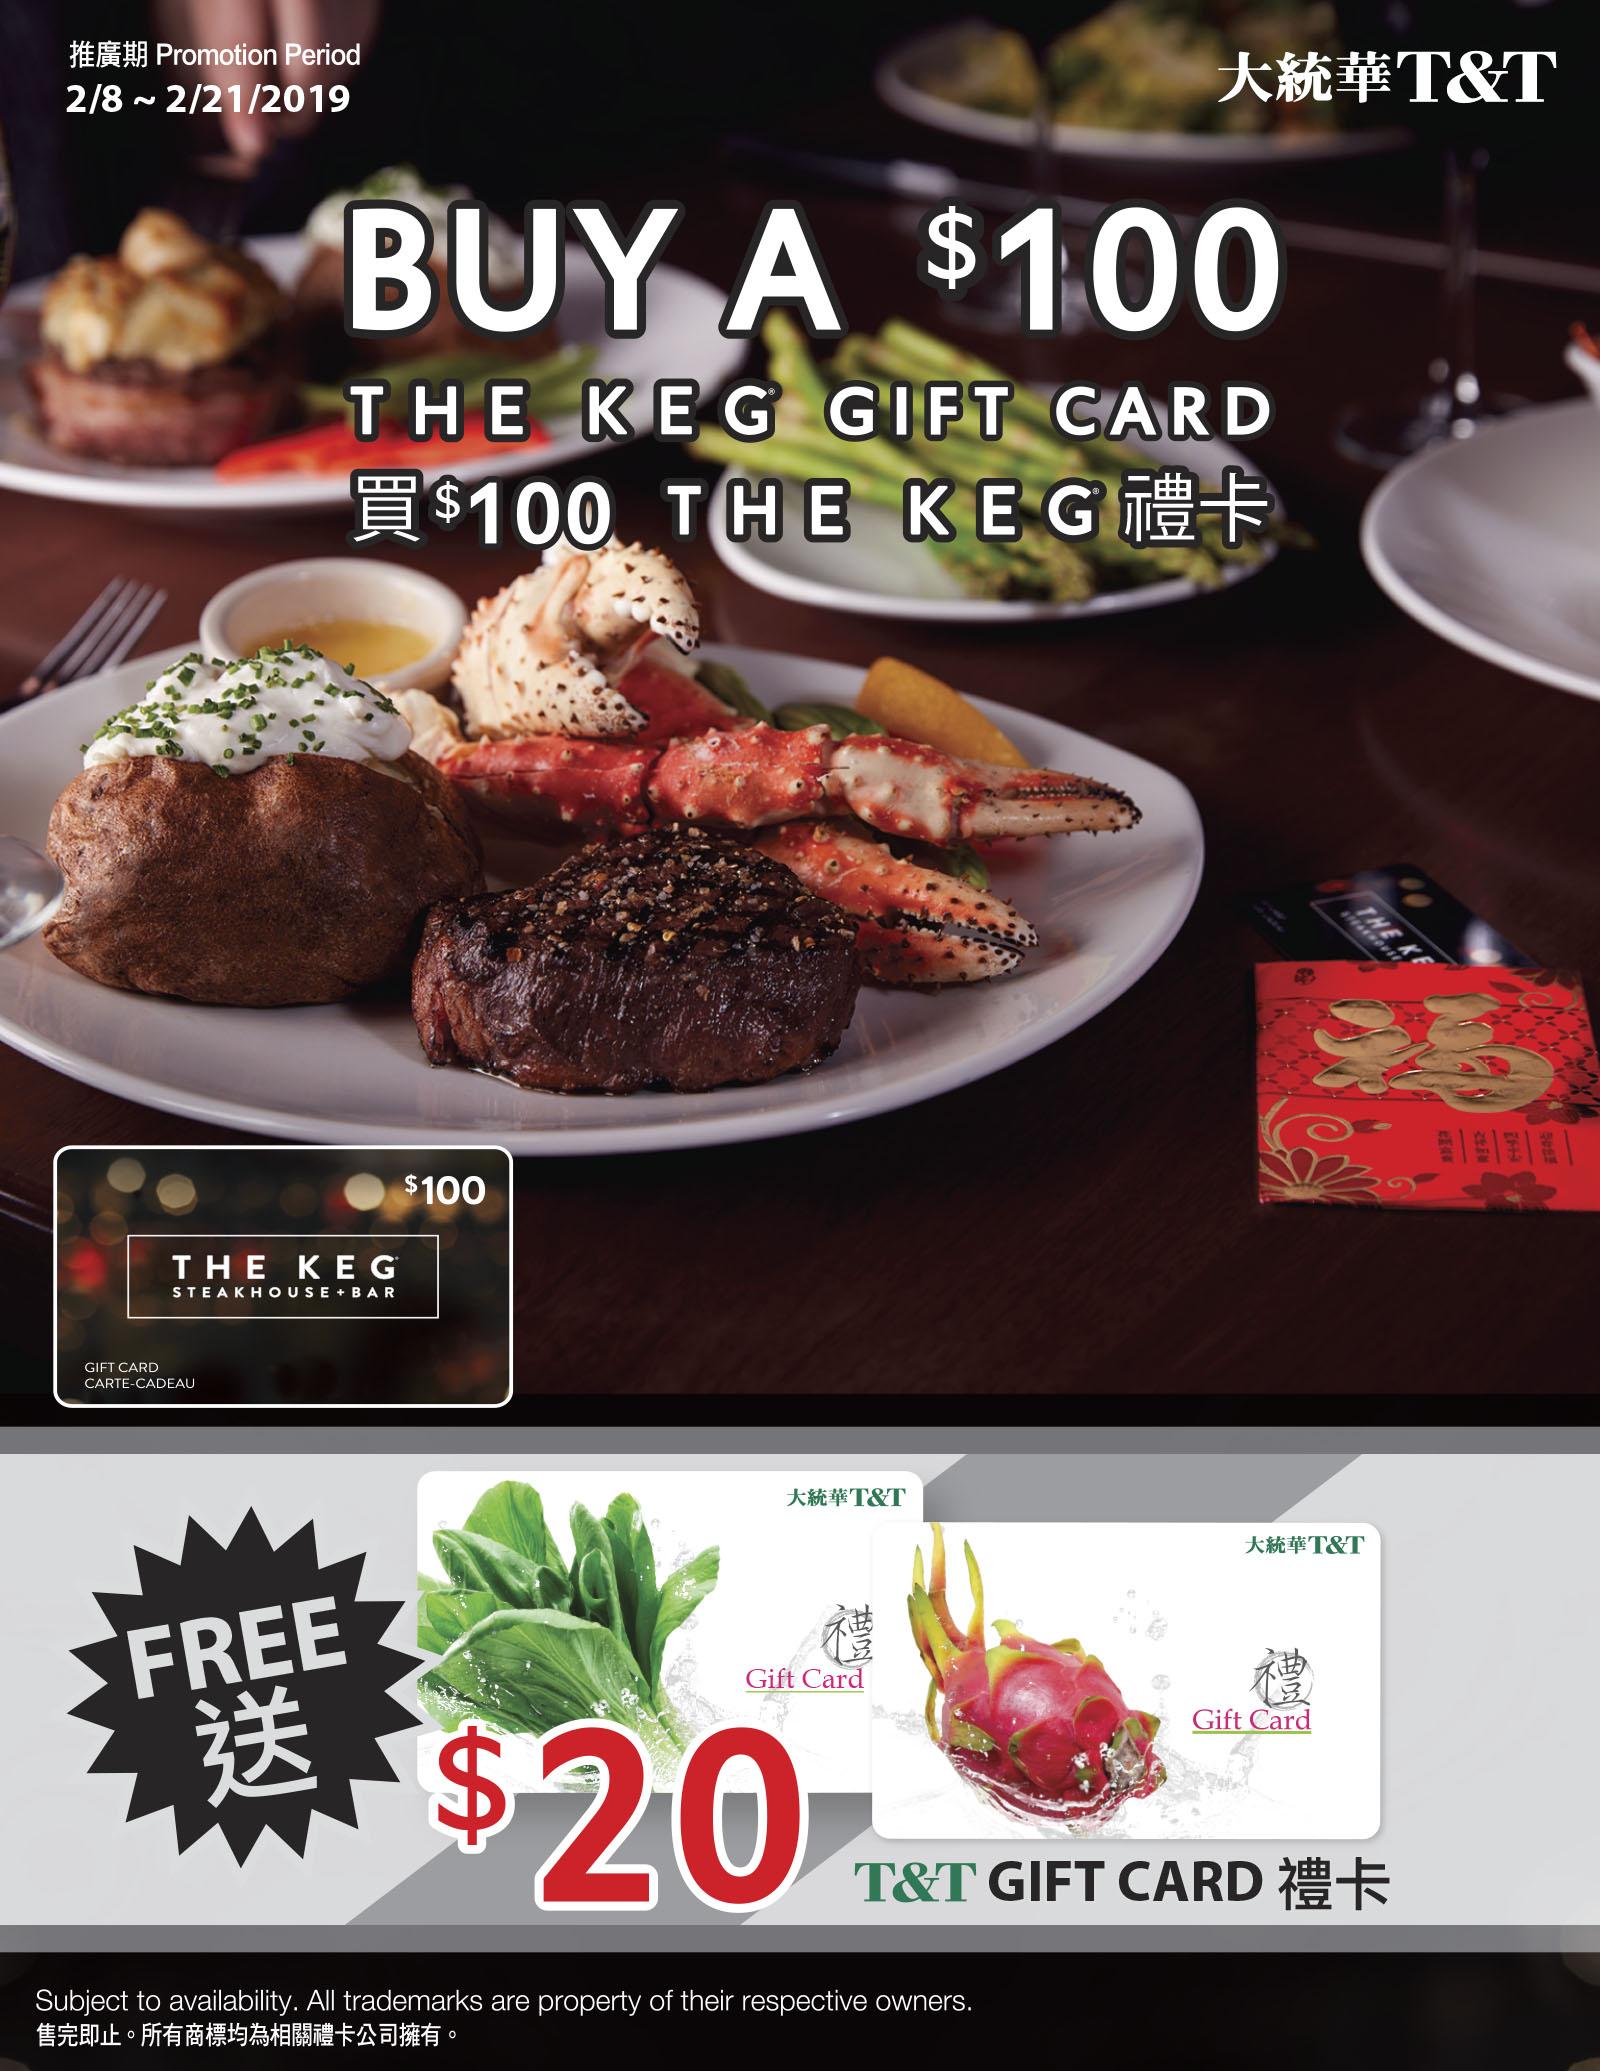 大統華超級市場:購買The Keg $100禮券(Gift Card),即可獲$20大統華禮券